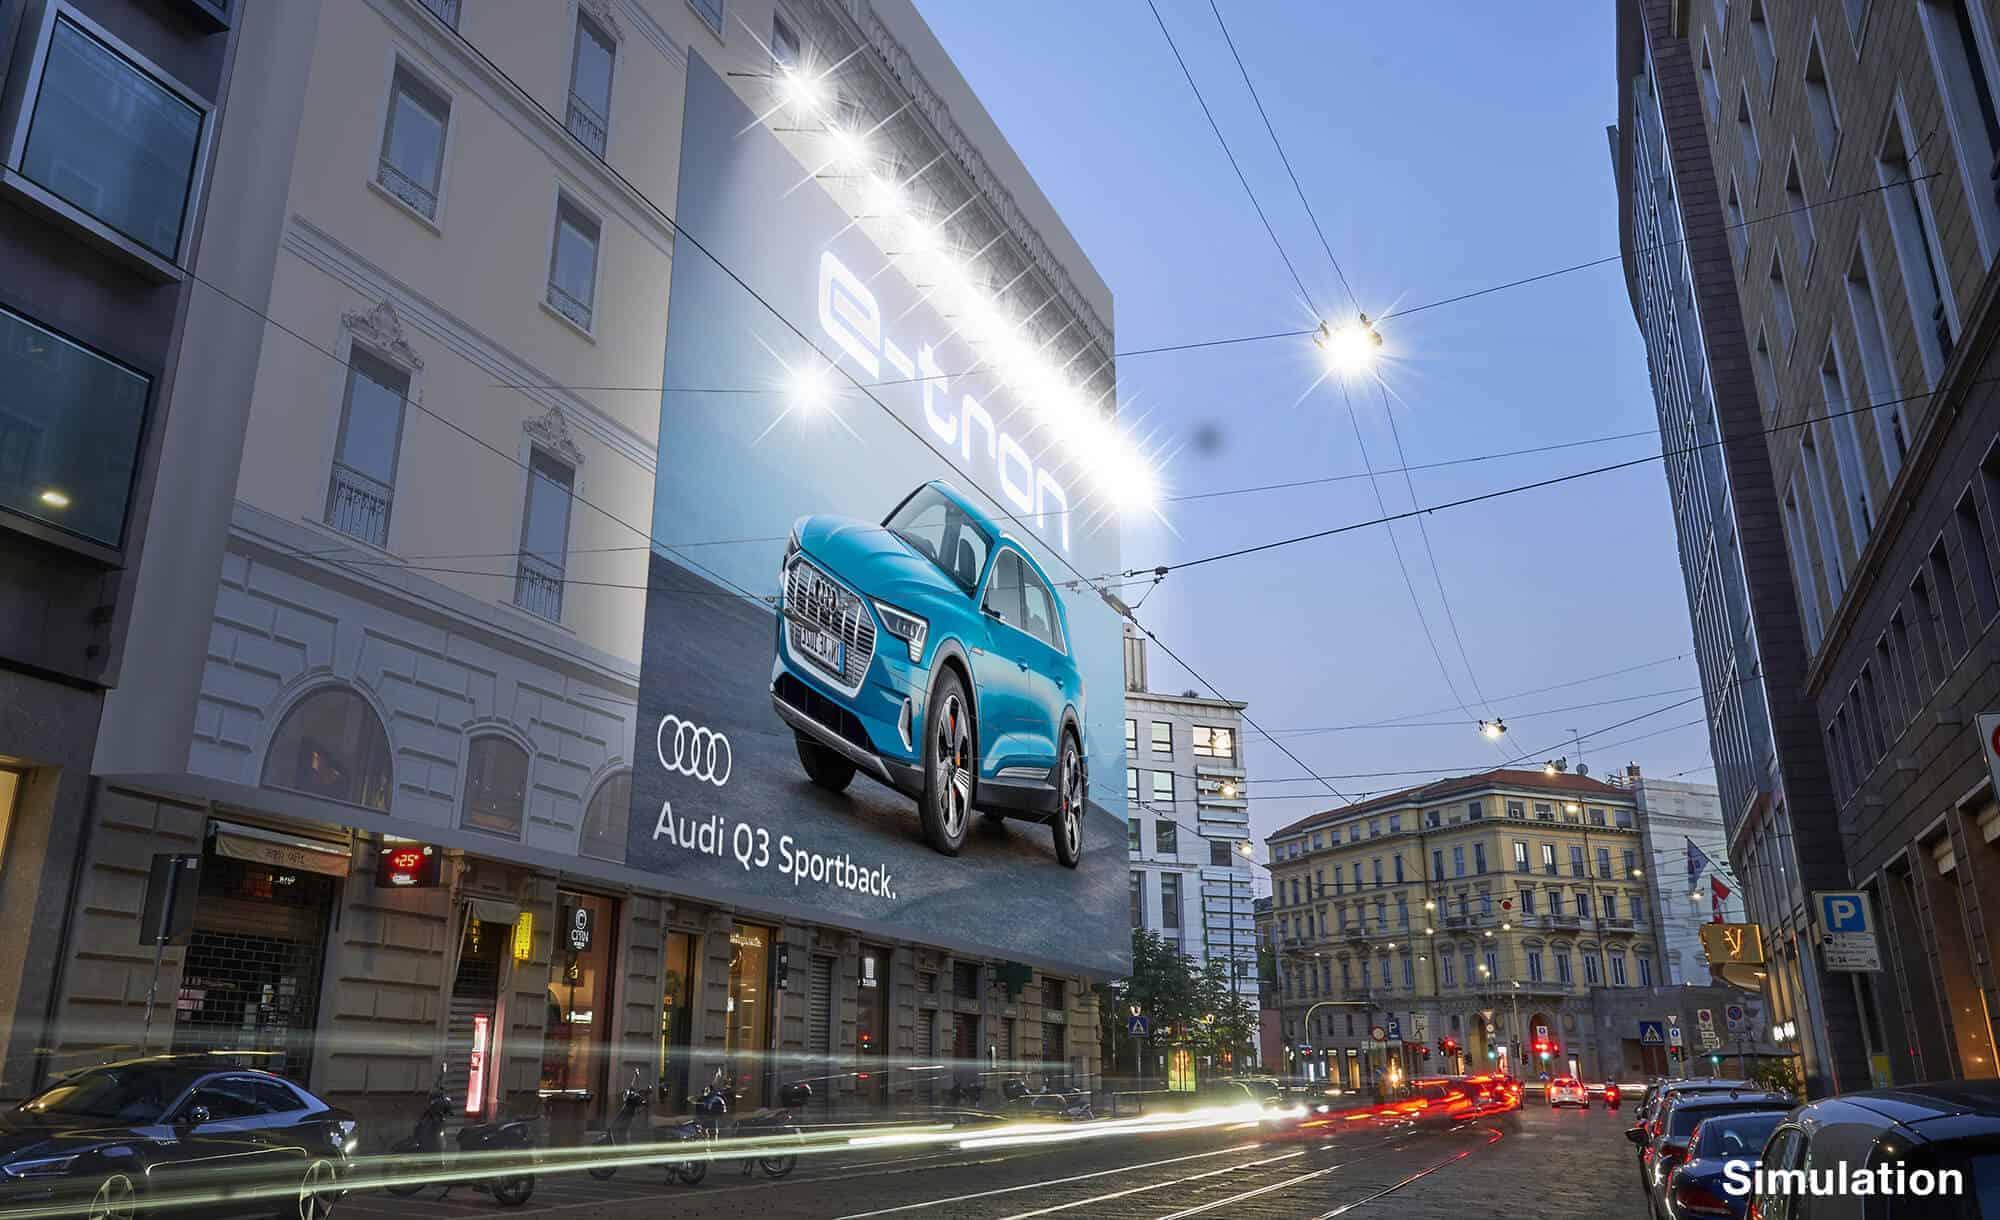 Maxi Affisione a Milano in Piazza Cavour 5 con Audi (Automotive)